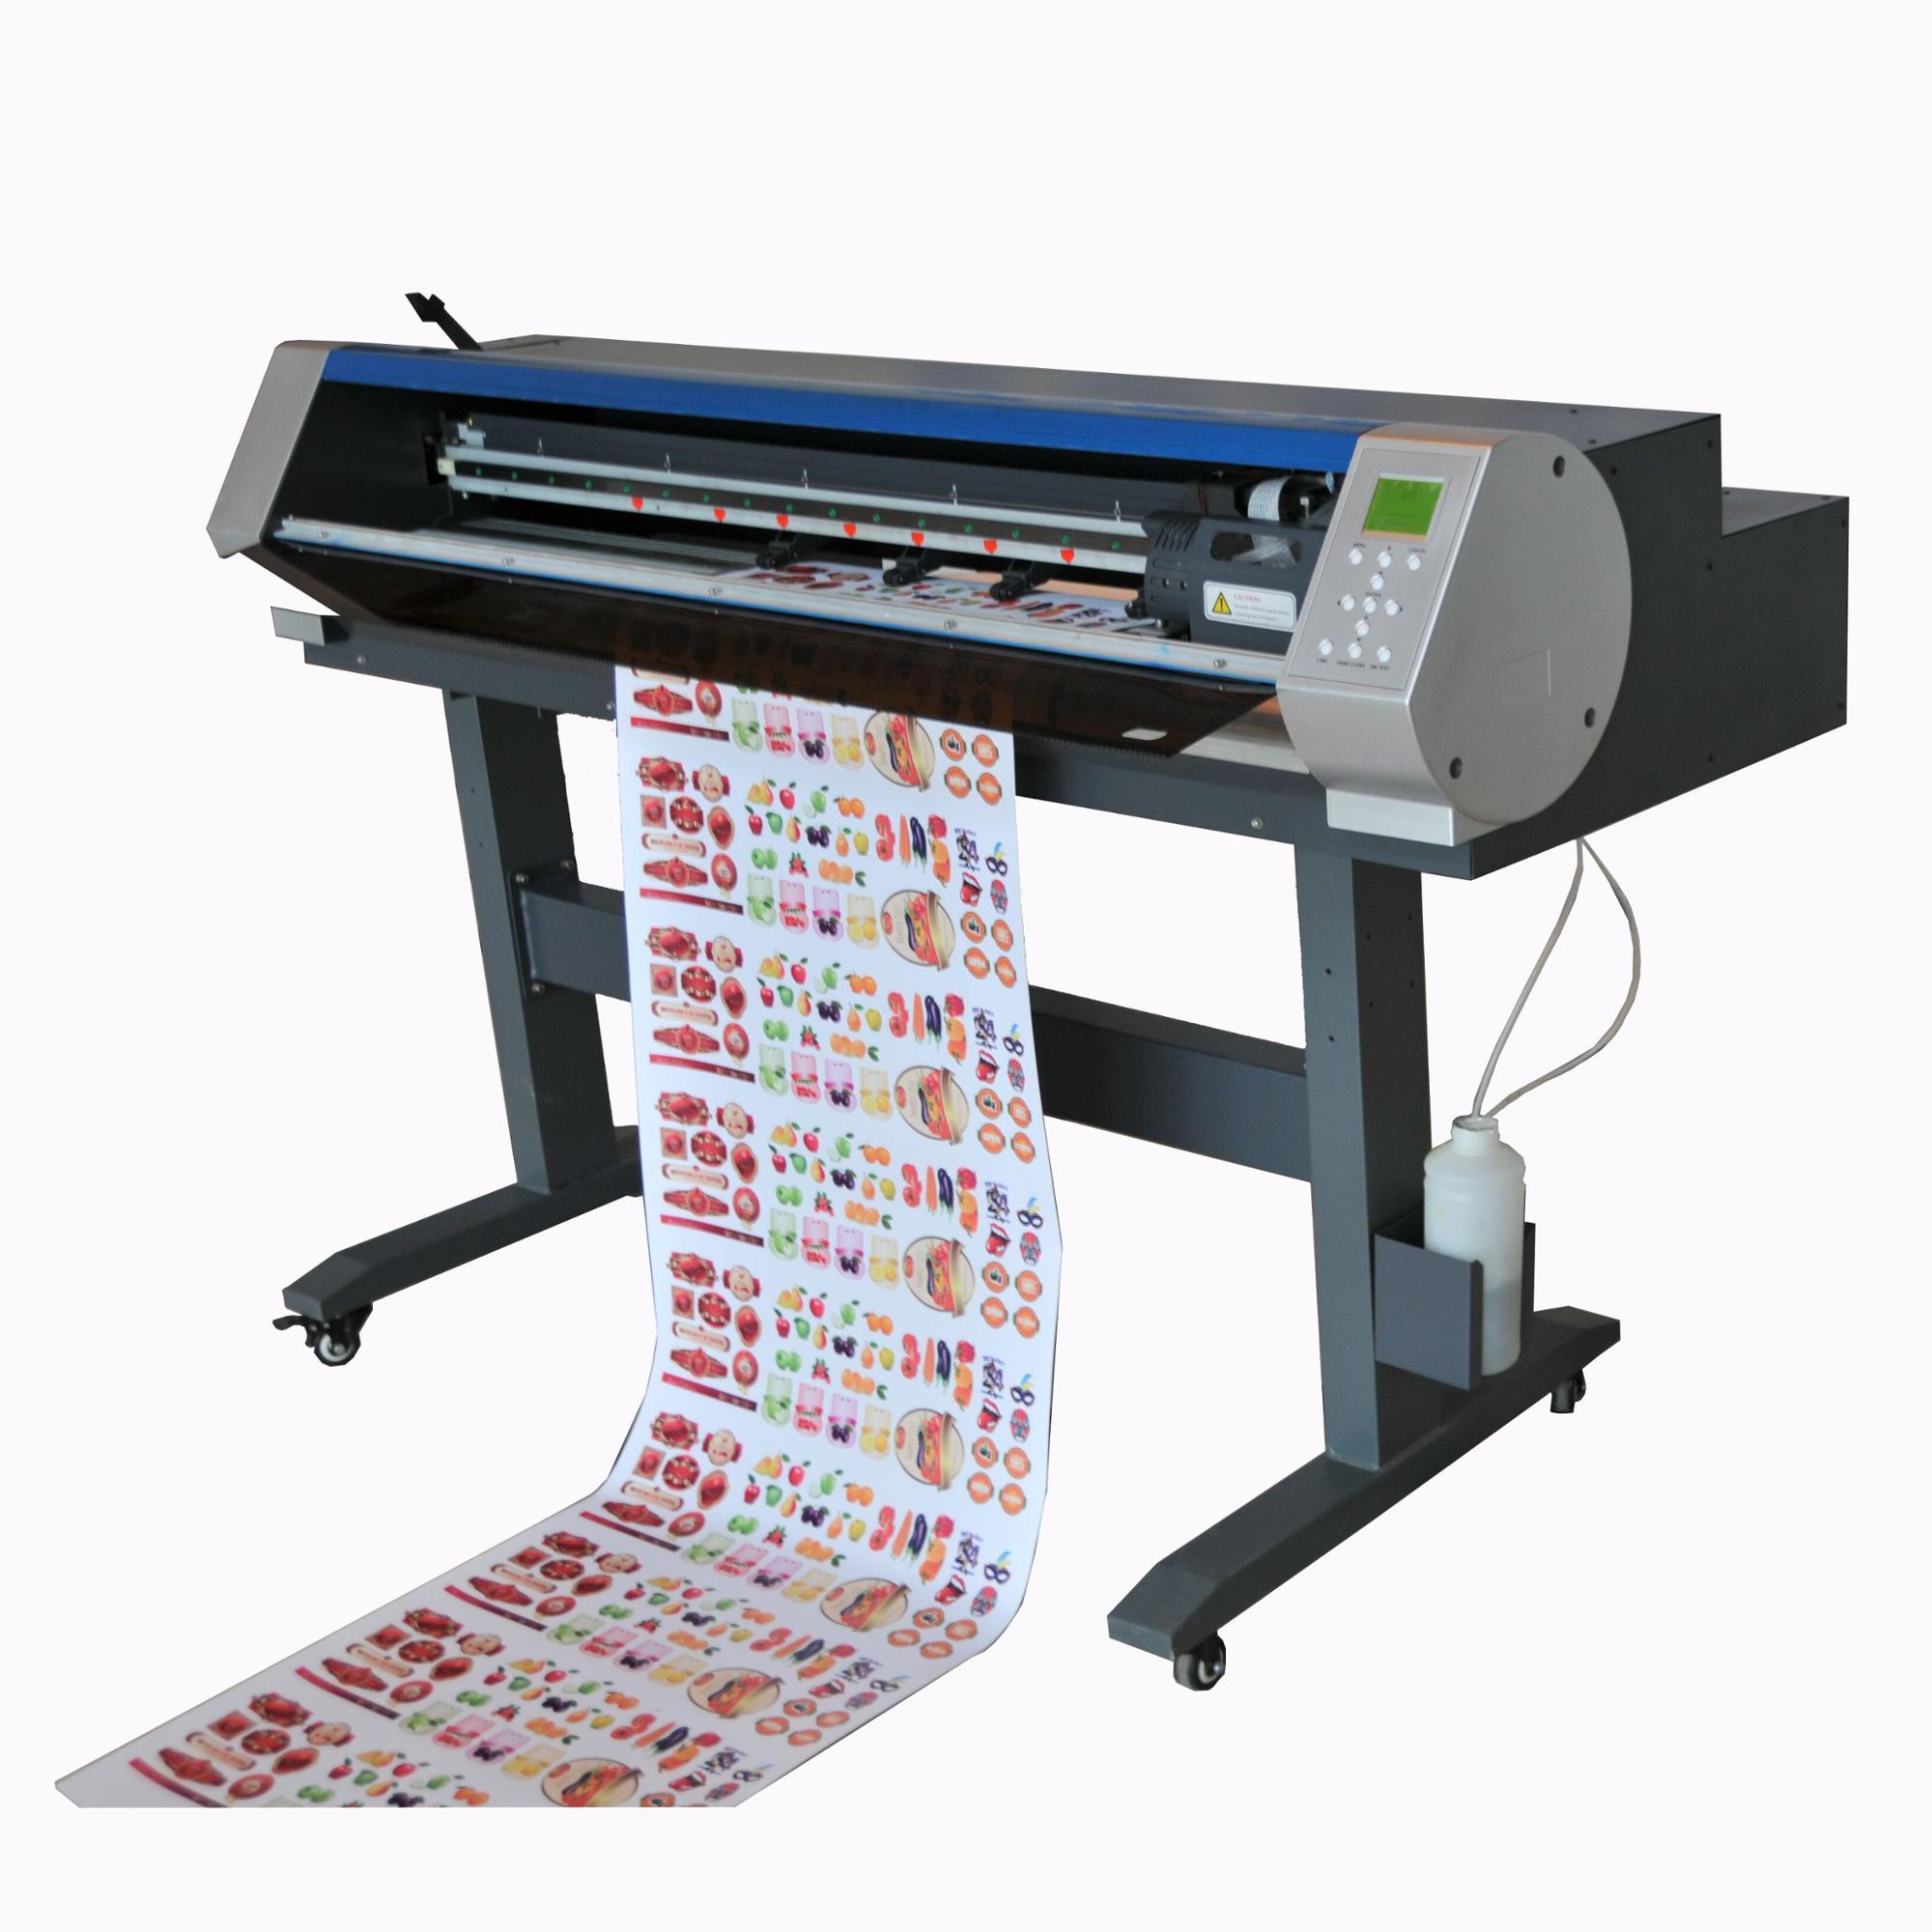 Tecjet desktop with stands small sticker printer cutter printcutter machine